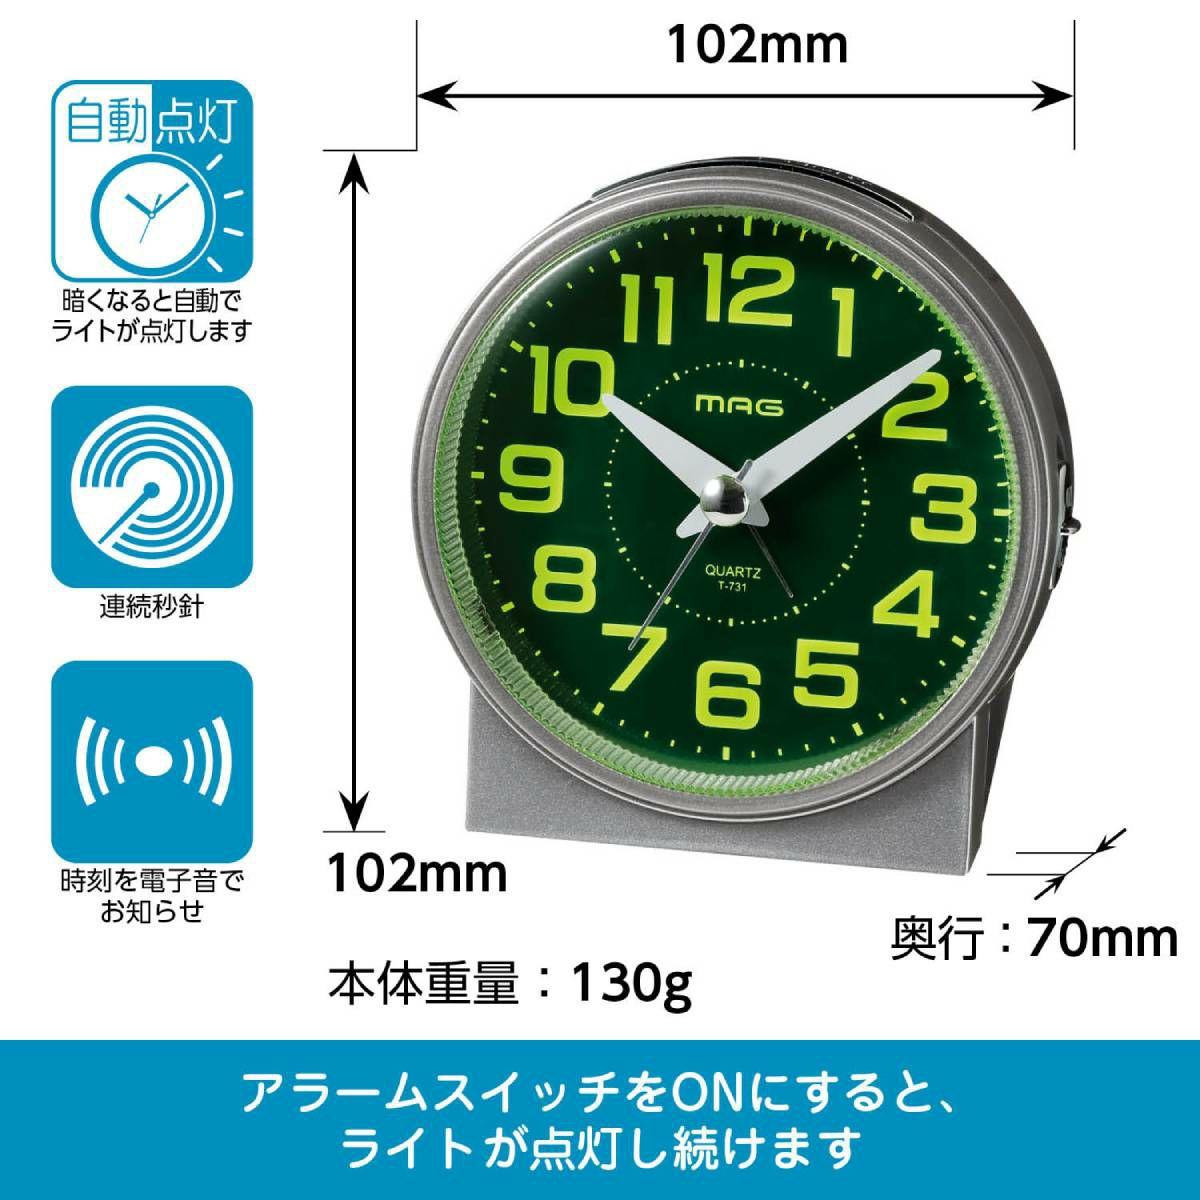 MAG(マグ) 目覚まし時計 光助(コウスケ) T-731